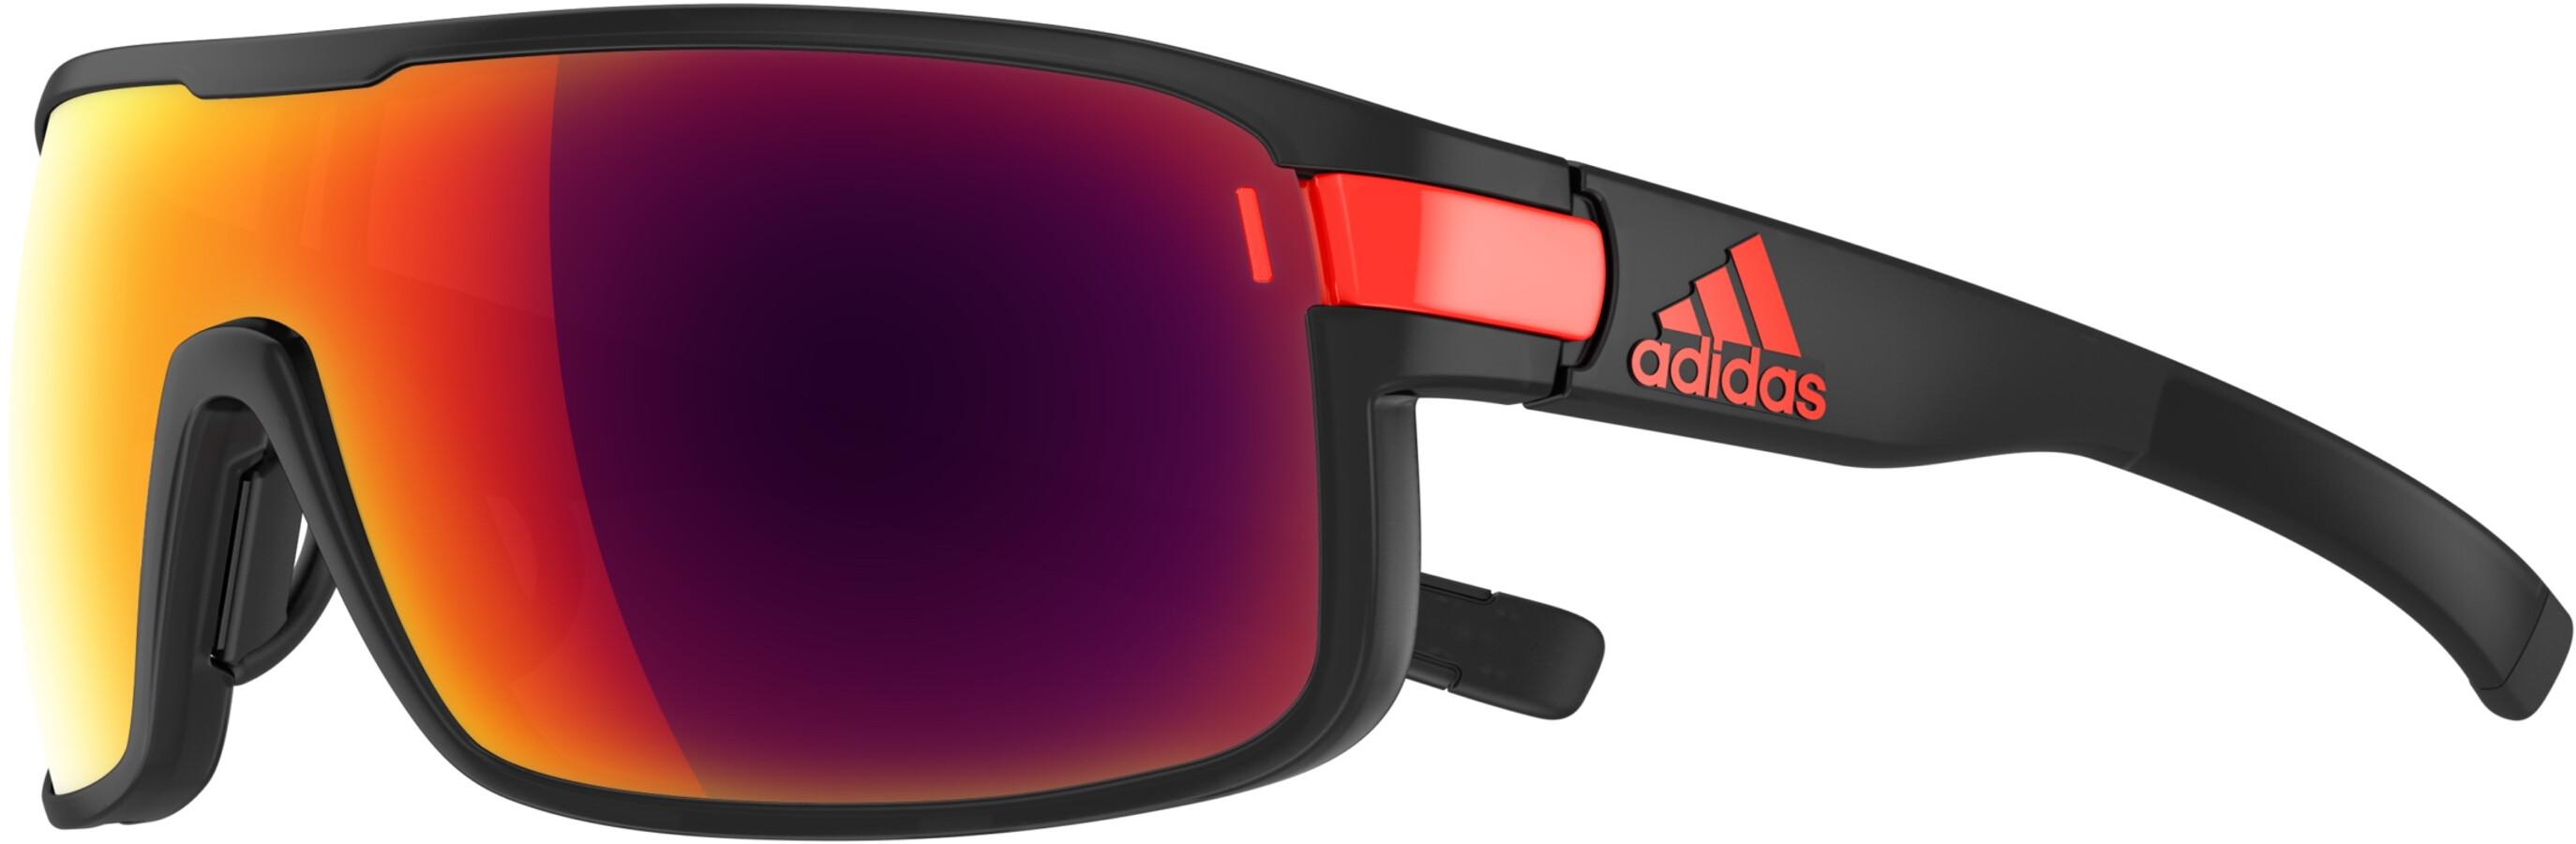 1e3298932ad0 adidas Zonyk Glasses L coal matt/red at Bikester.co.uk